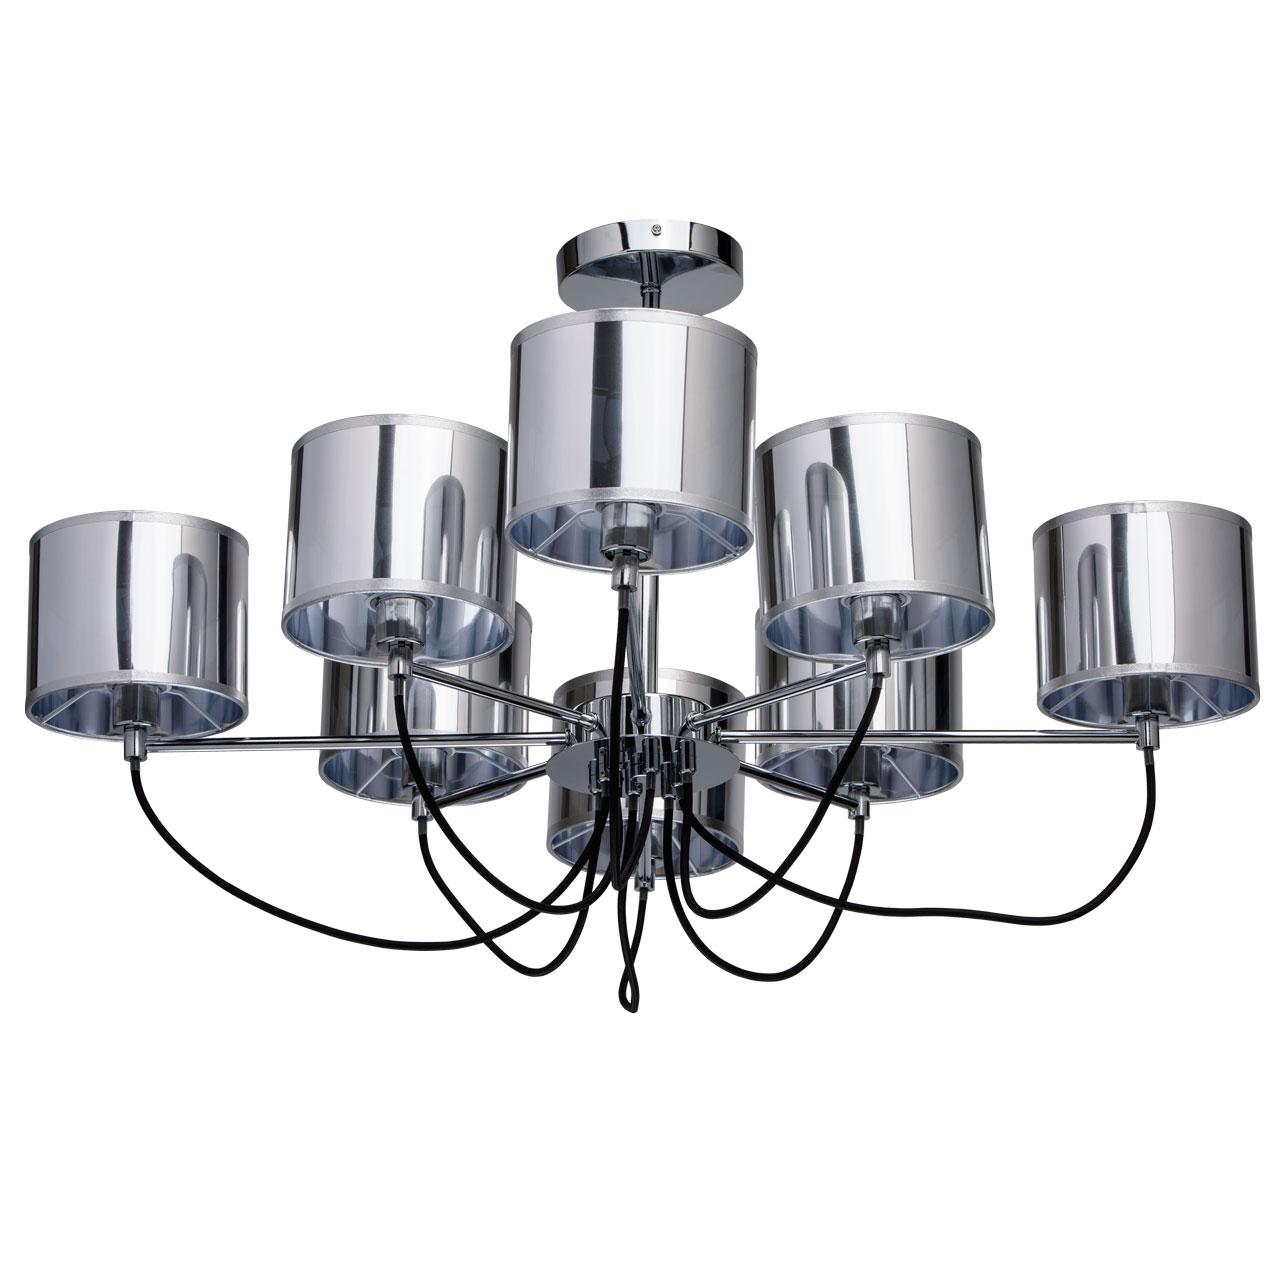 Потолочный светильник MW-Light, E14, 320 Вт потолочный светильник mw light e14 480 вт